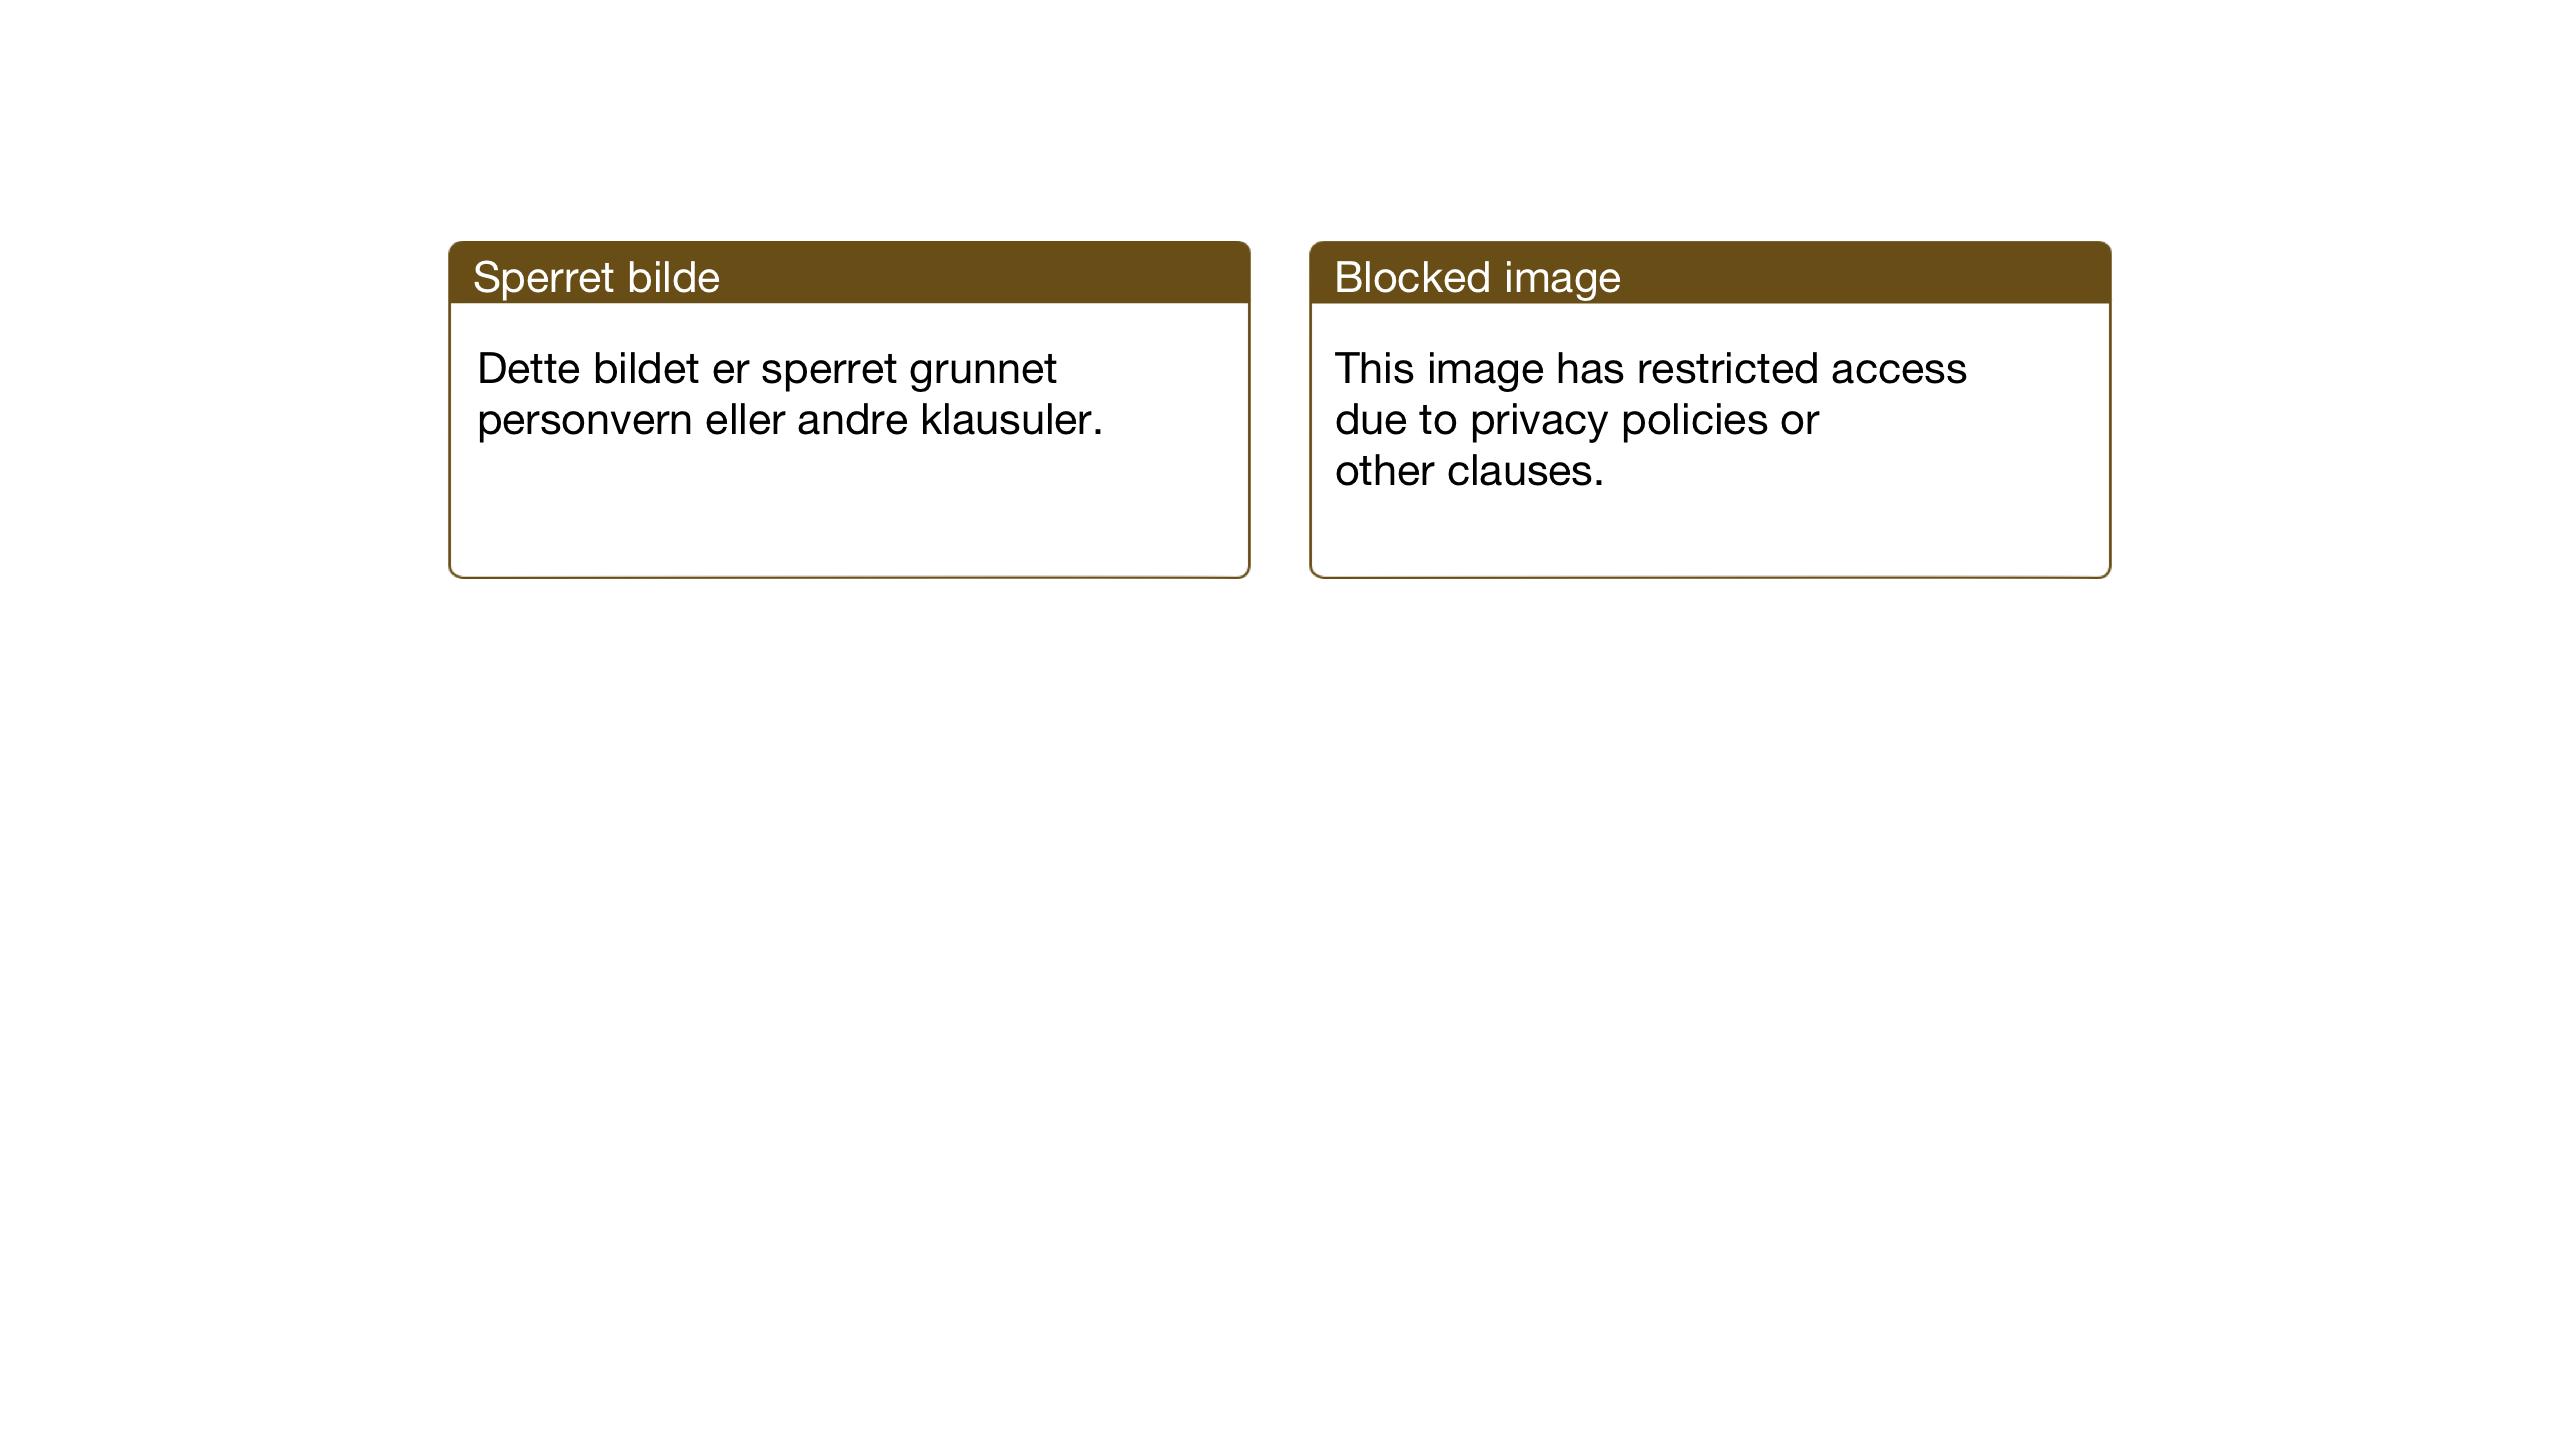 SAT, Ministerialprotokoller, klokkerbøker og fødselsregistre - Nord-Trøndelag, 731/L0312: Klokkerbok nr. 731C03, 1911-1935, s. 47